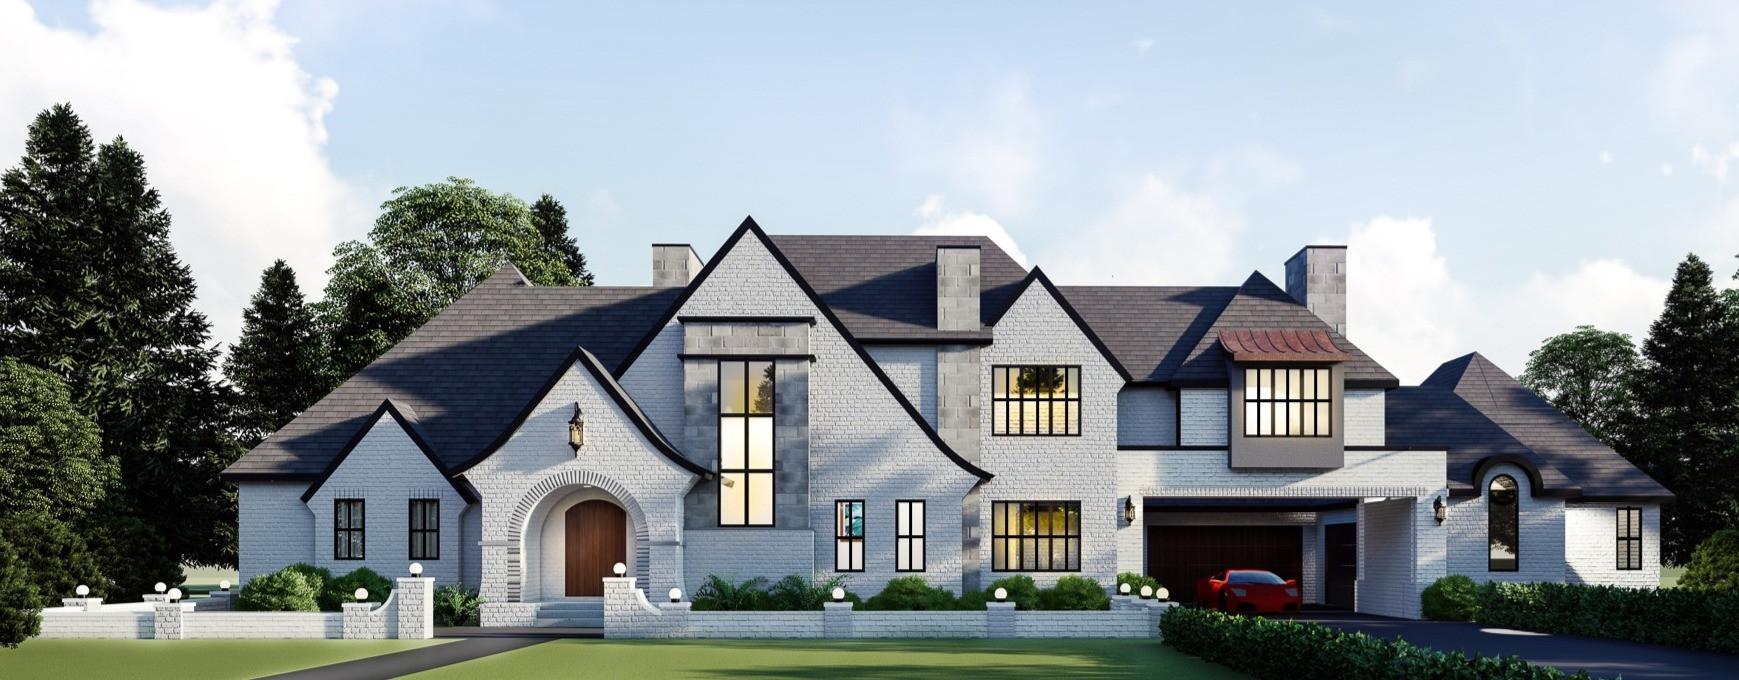 Acreage Springbank New Luxury Home Desig